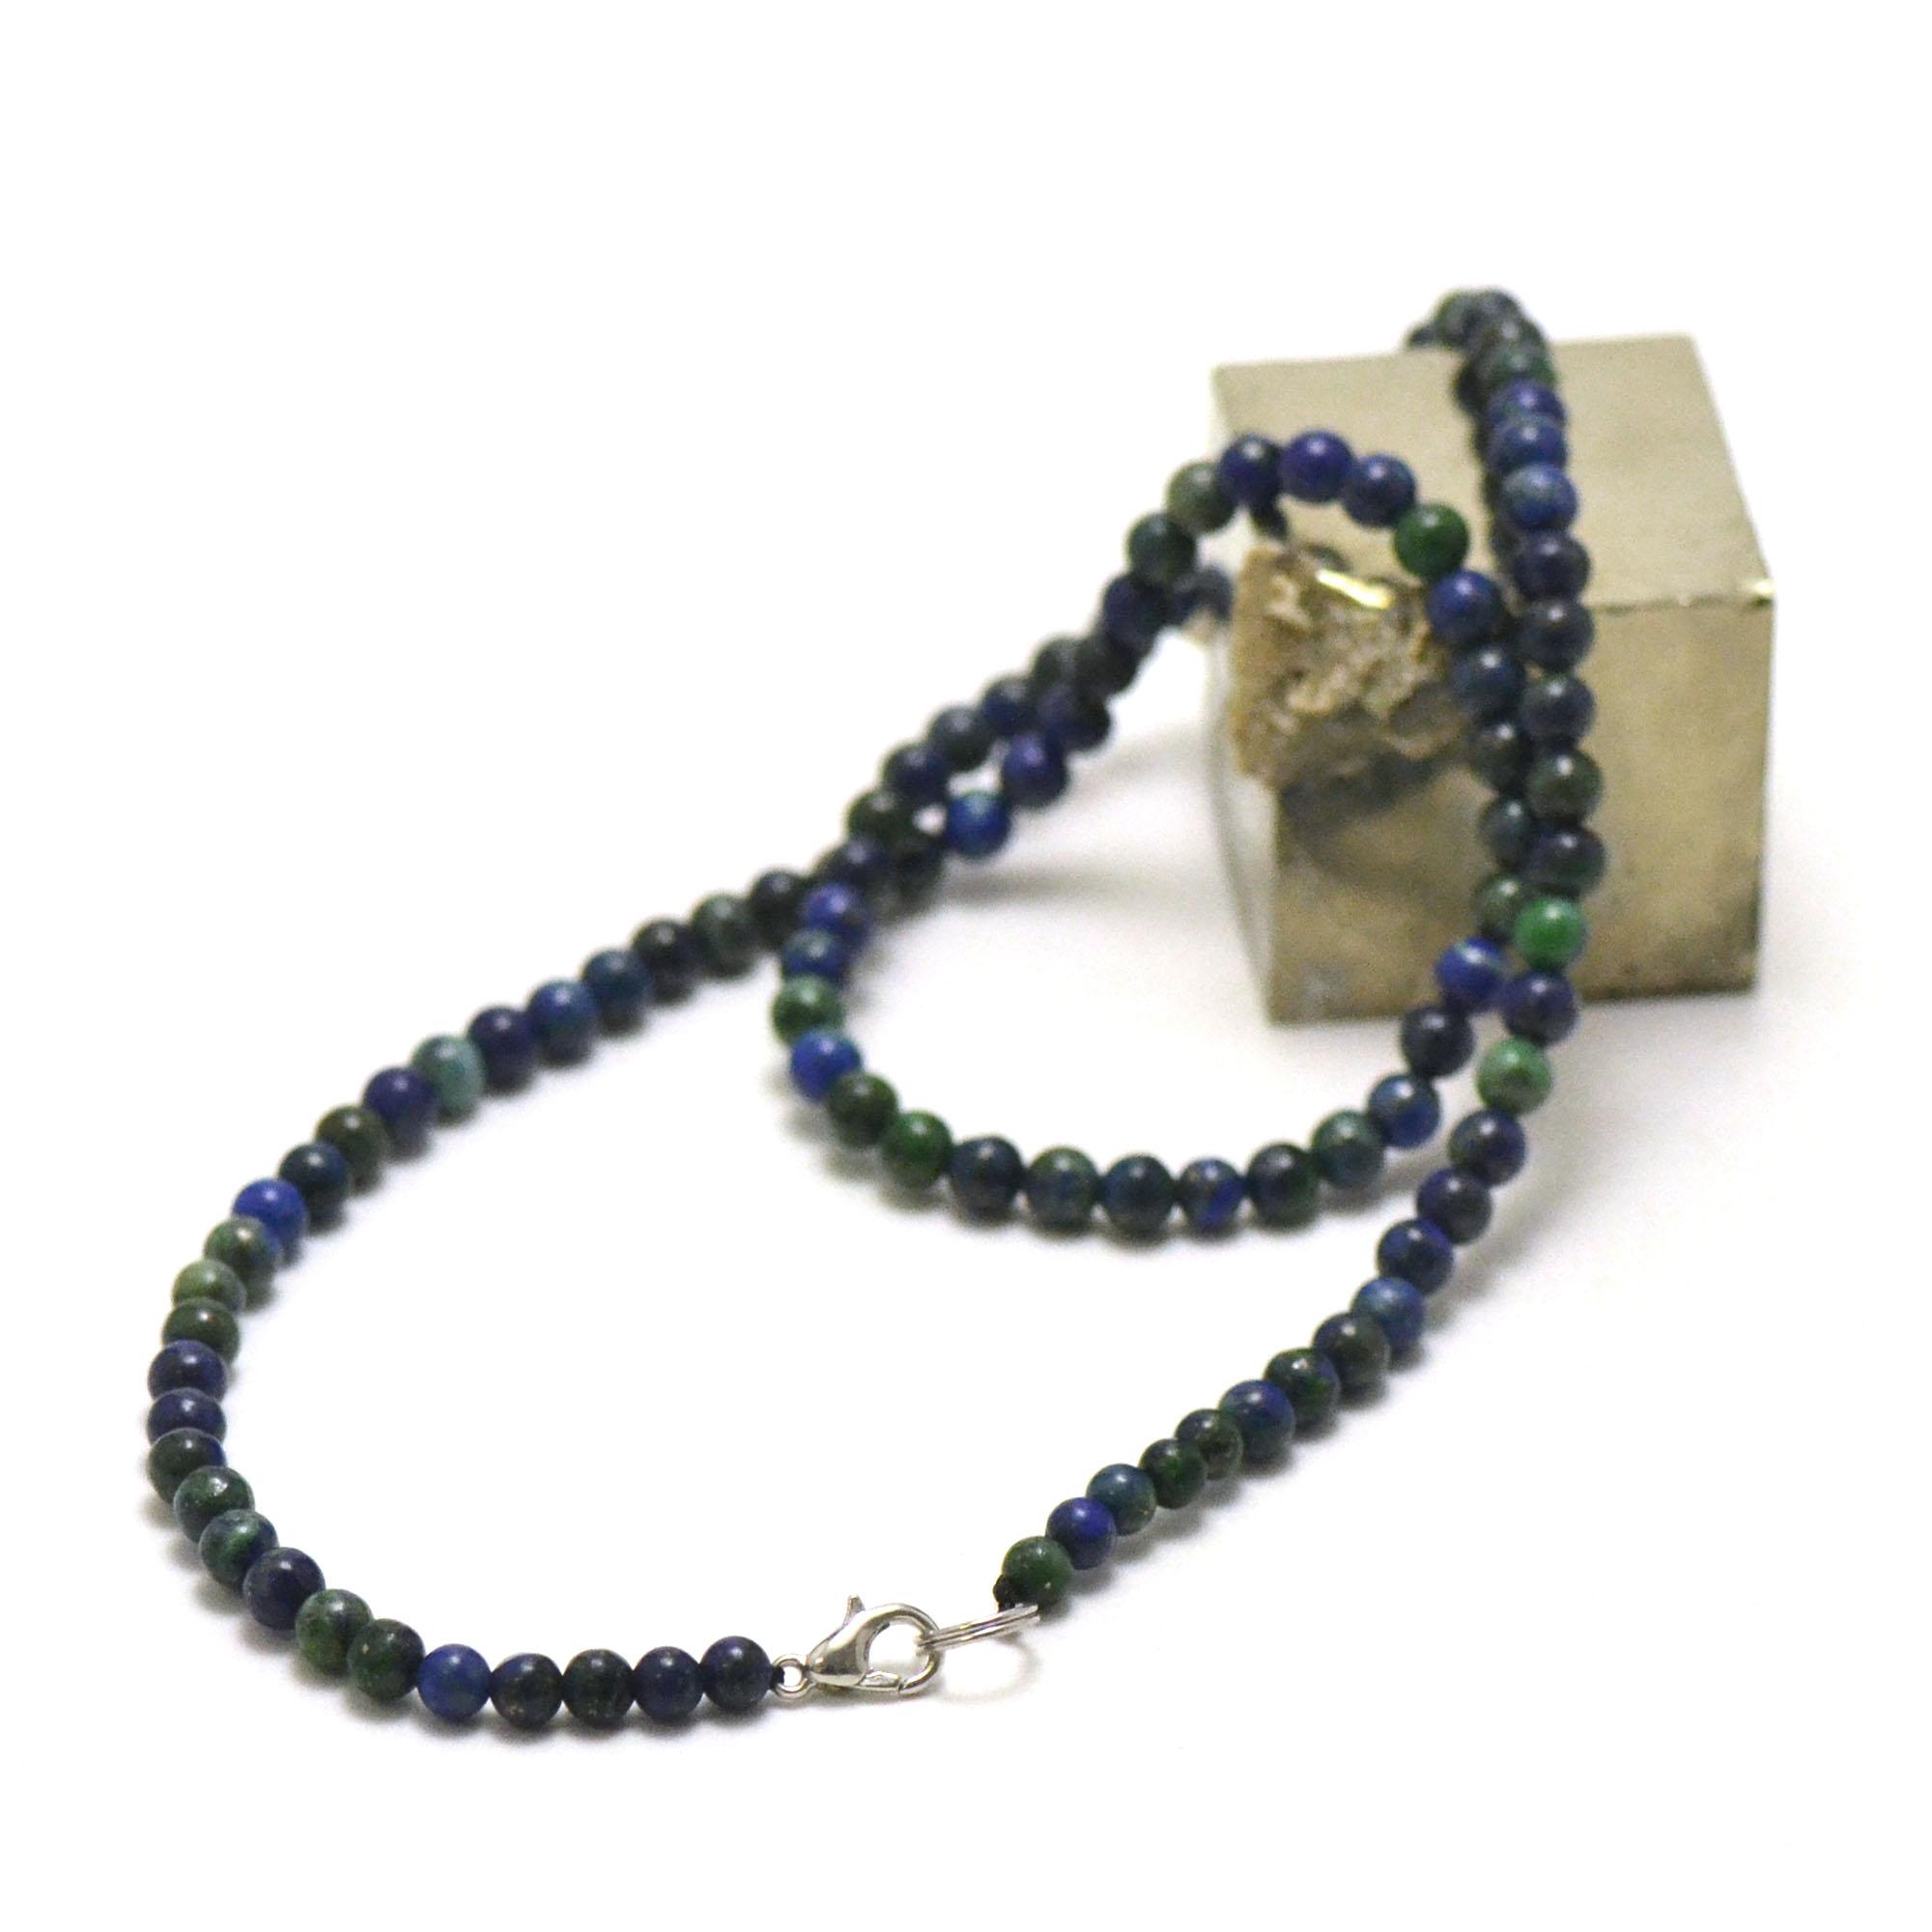 collier azurite-malachite perle ronde 4 mm